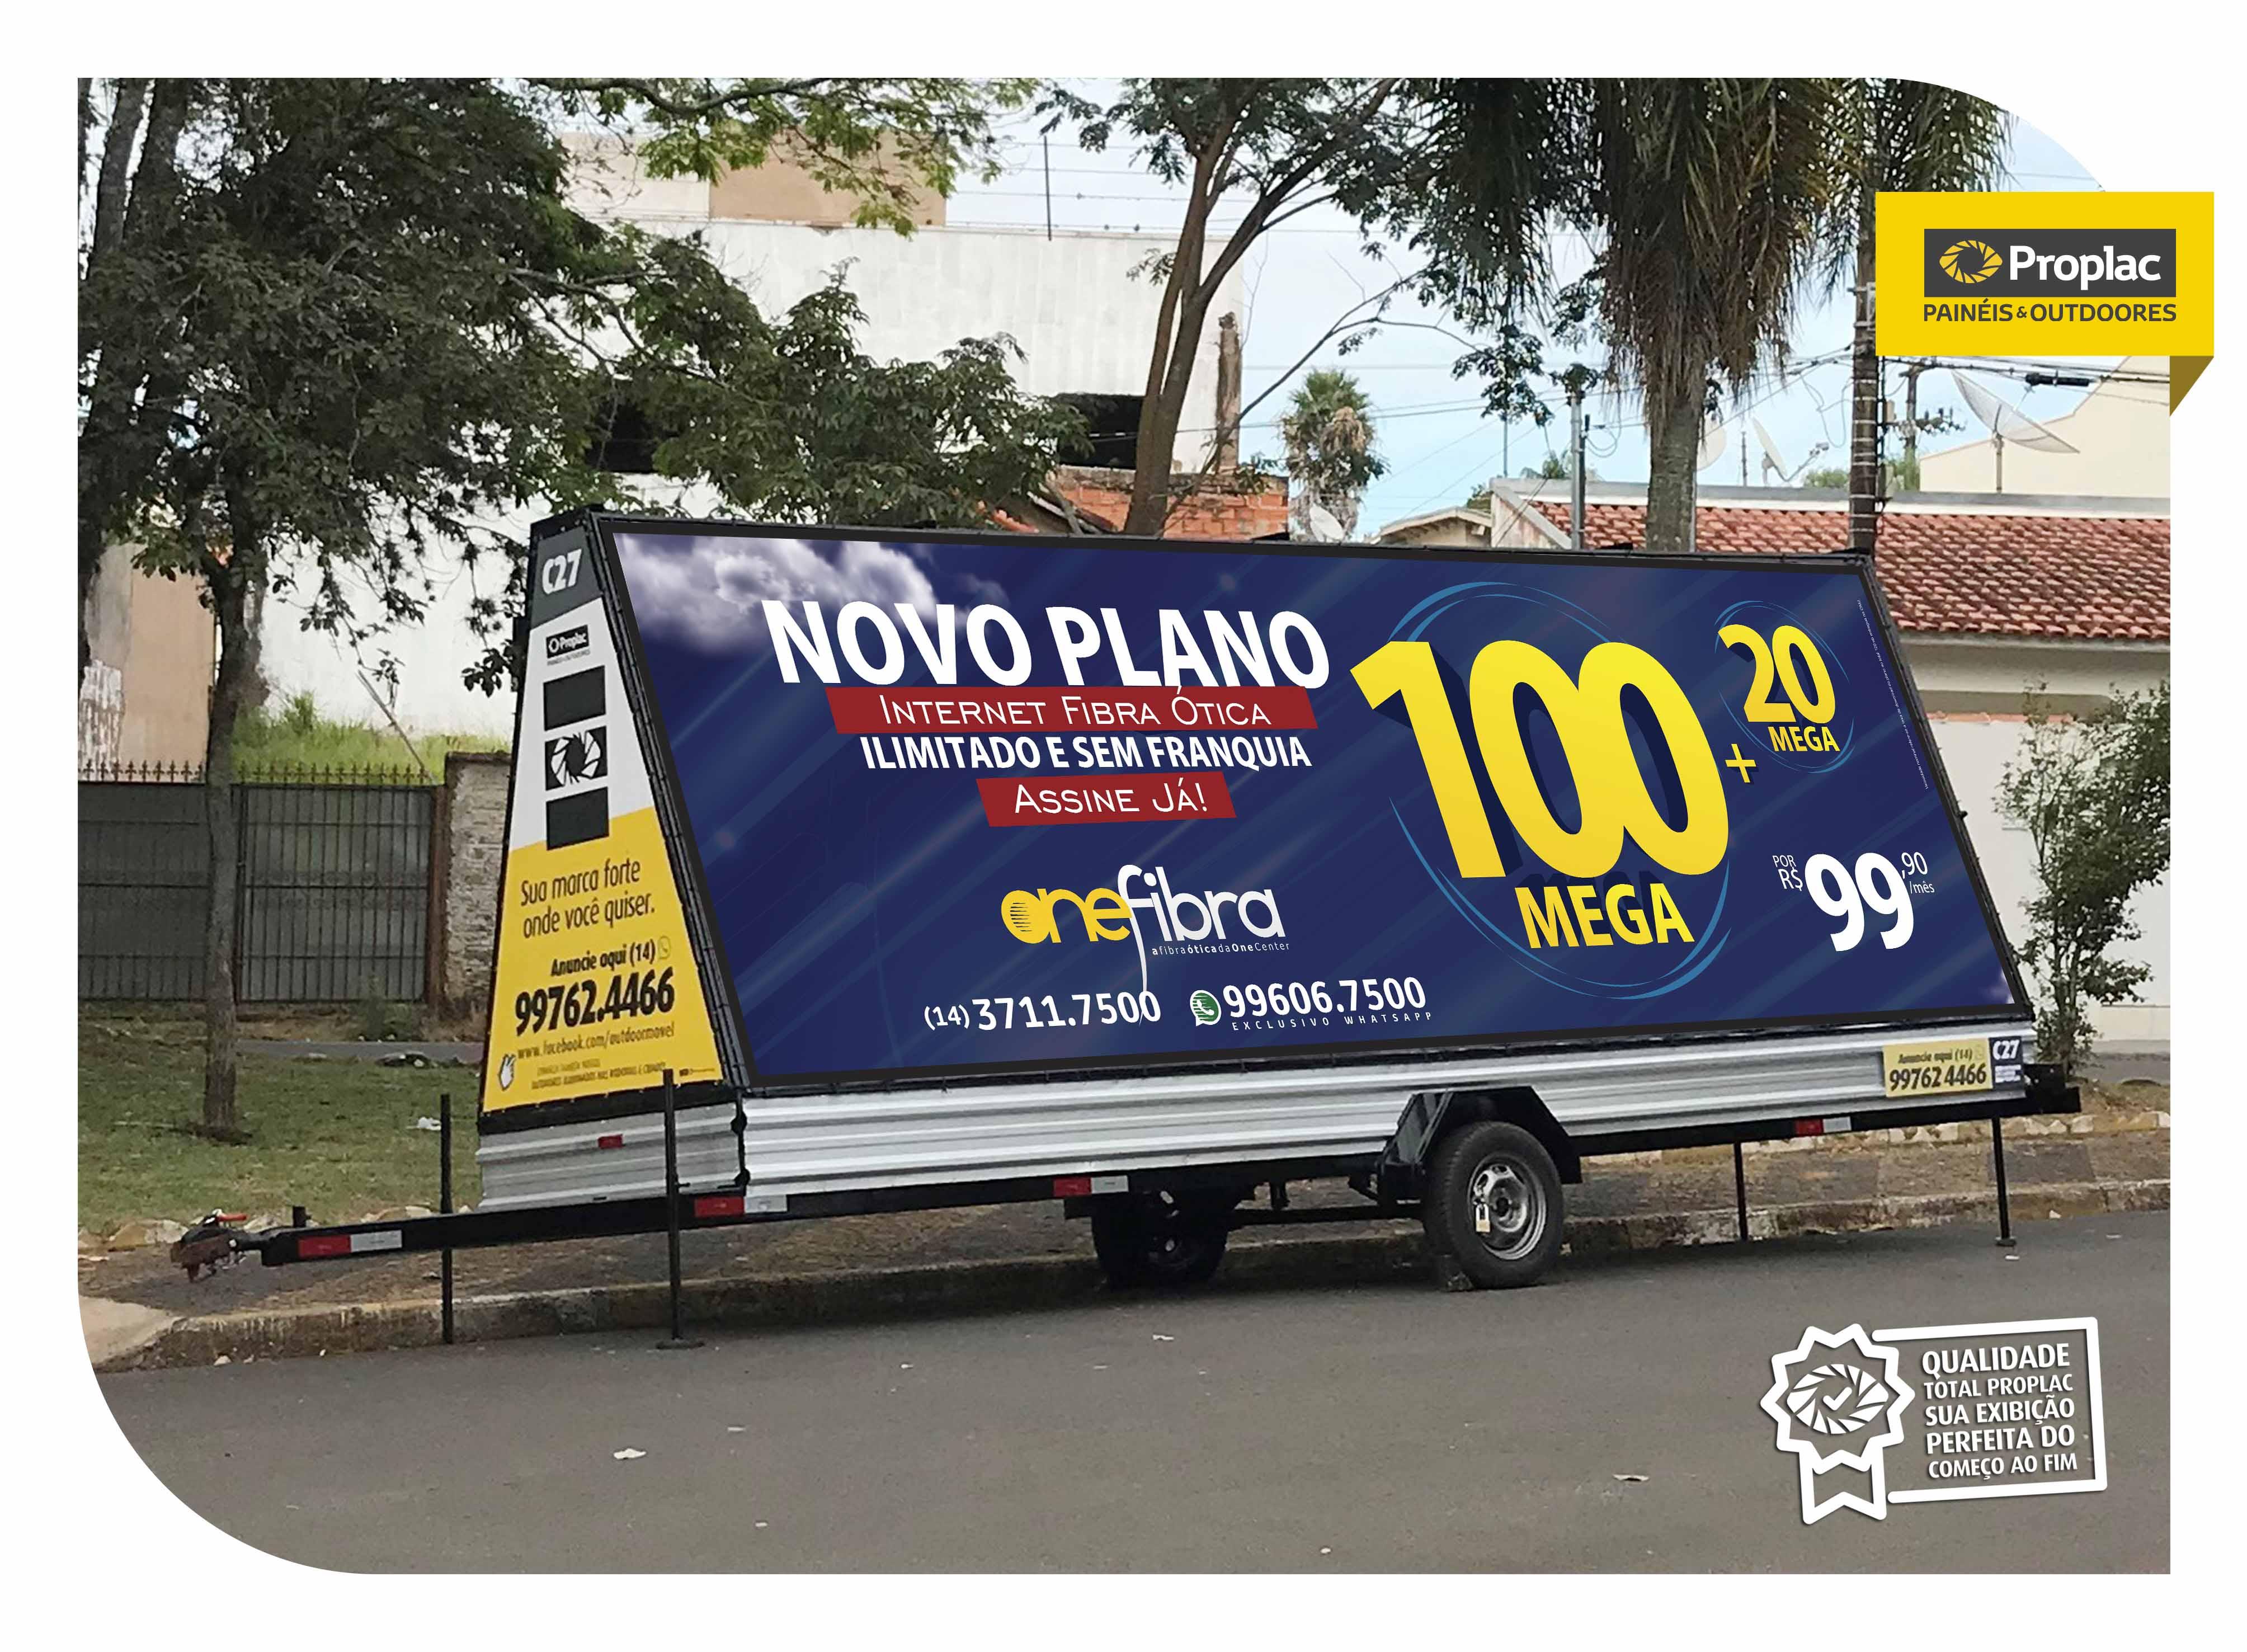 6be754b7f84fc One Center Rua Rio de Janeiro